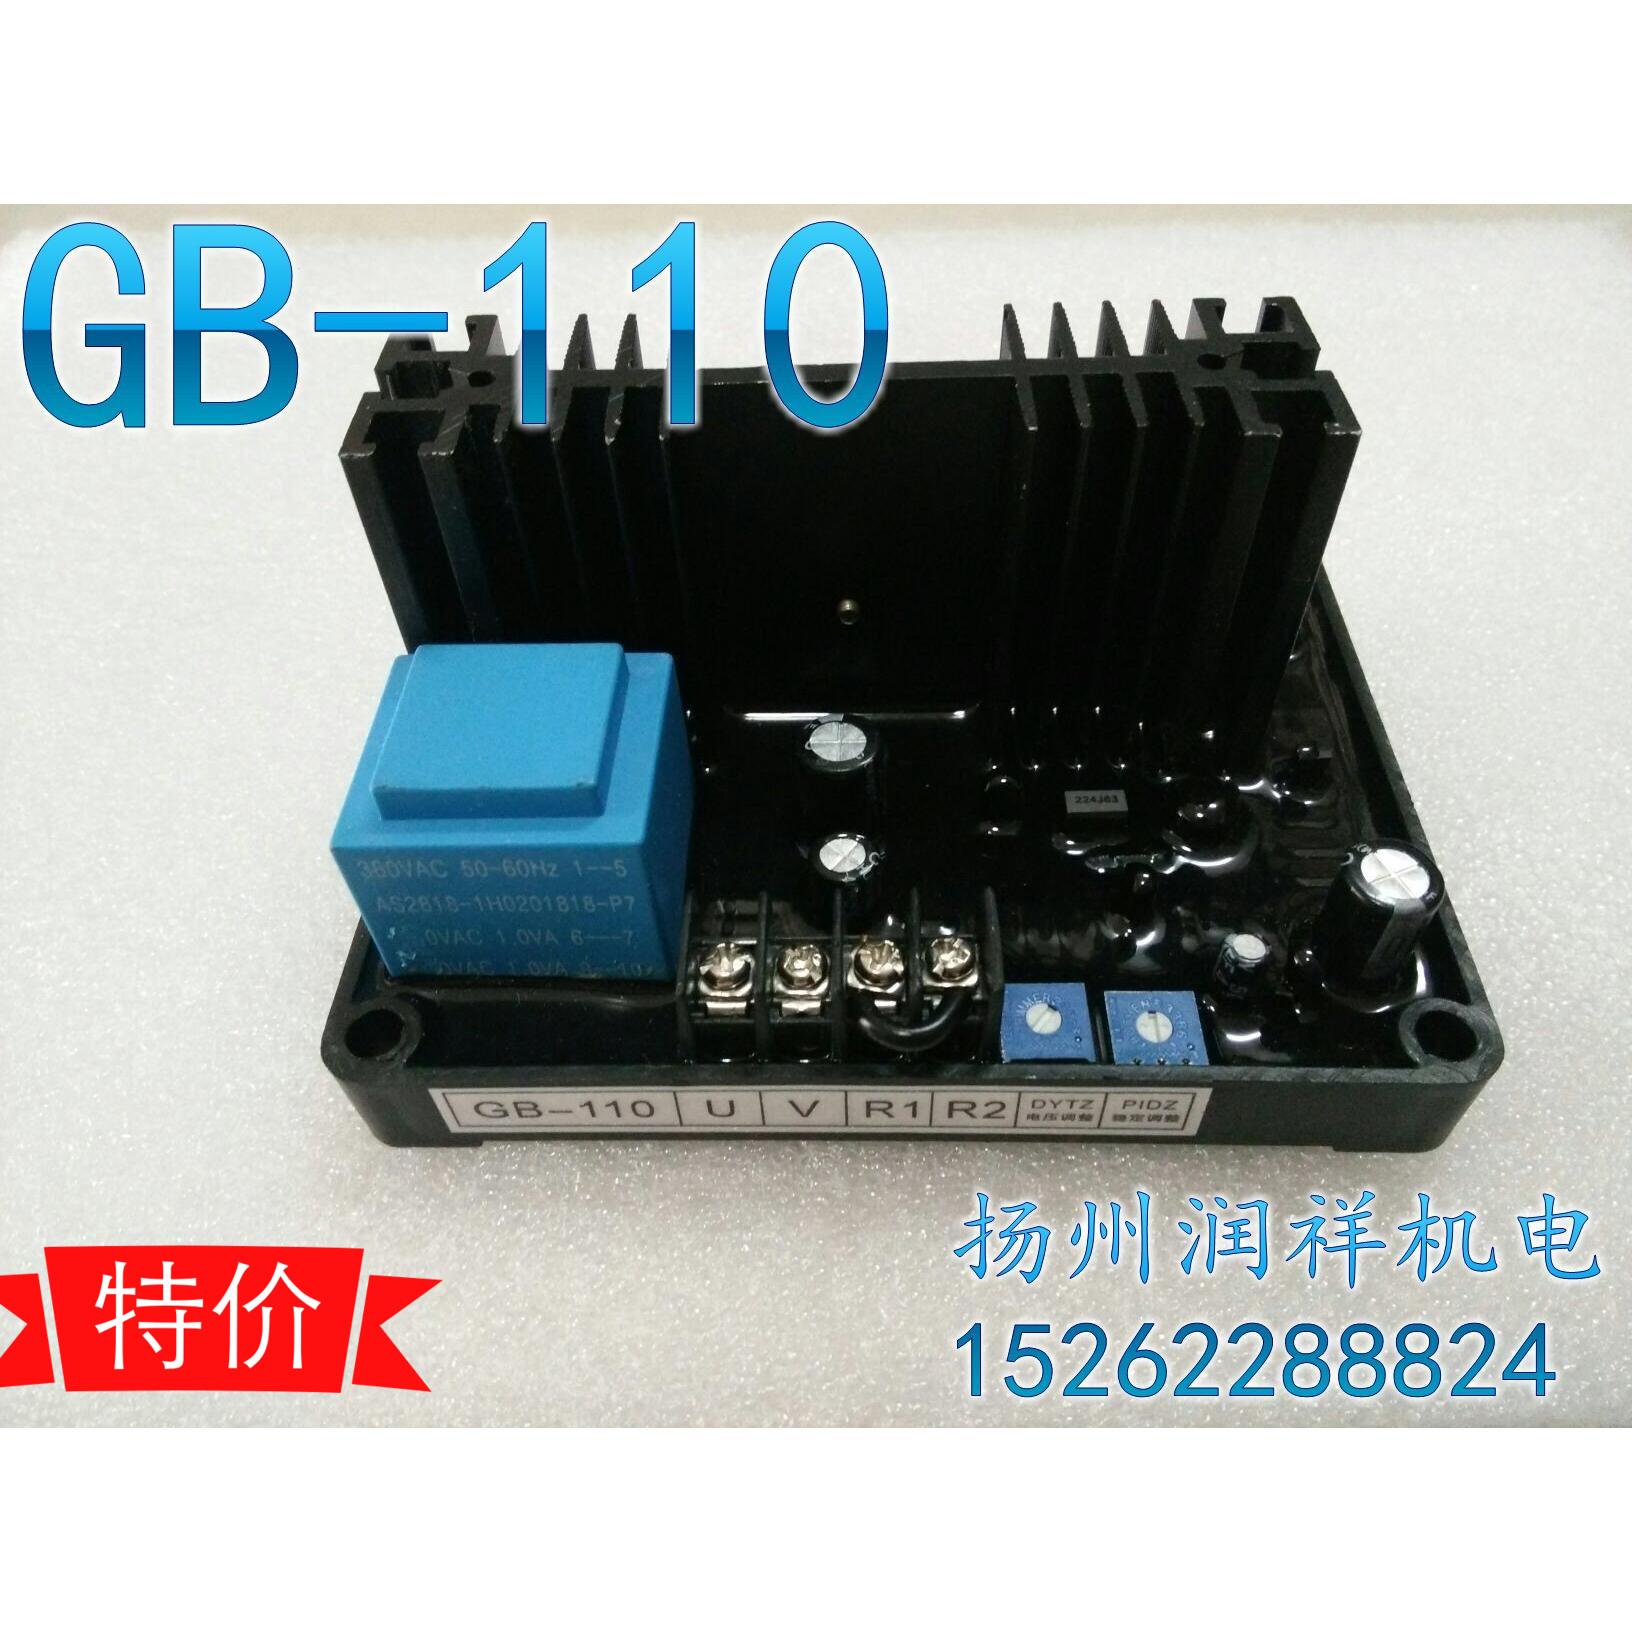 GB-110 Shanghai starken Hui pinsel - phase auf anregung generator Automatisch GB110AVR spannungsregler.